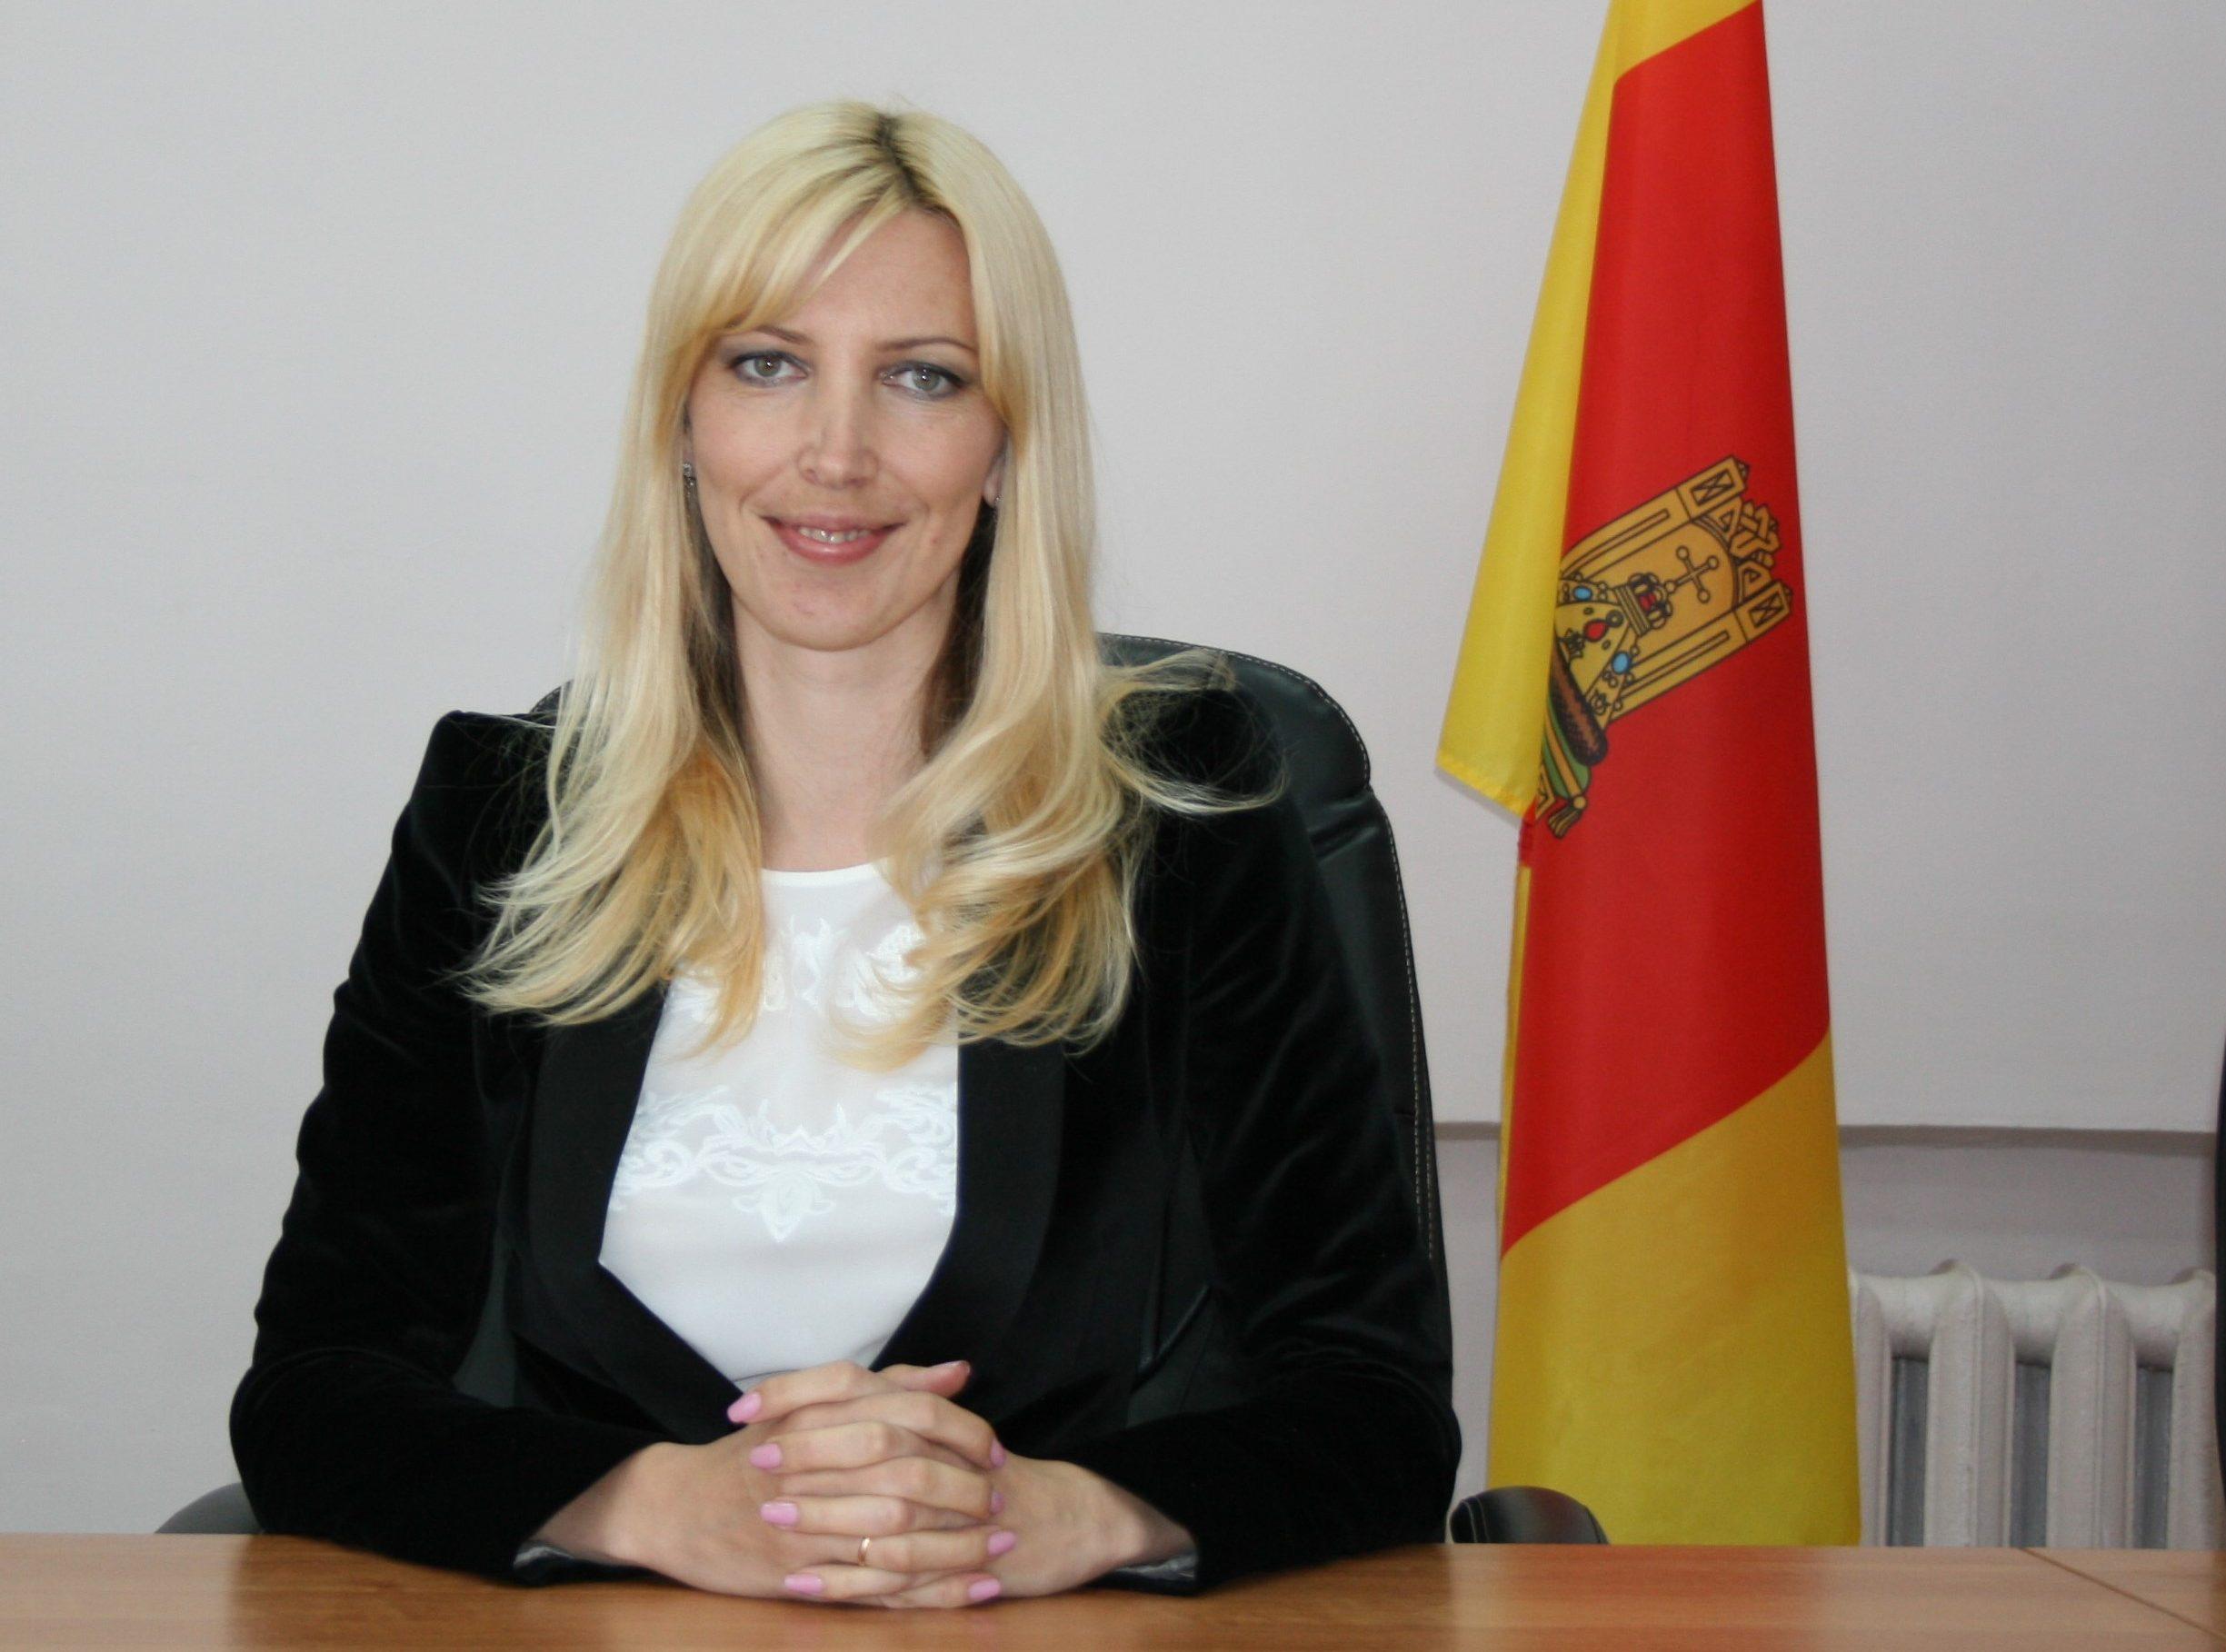 Татьяна Дубова: Начало строительства ДОКБ - признак стабильности